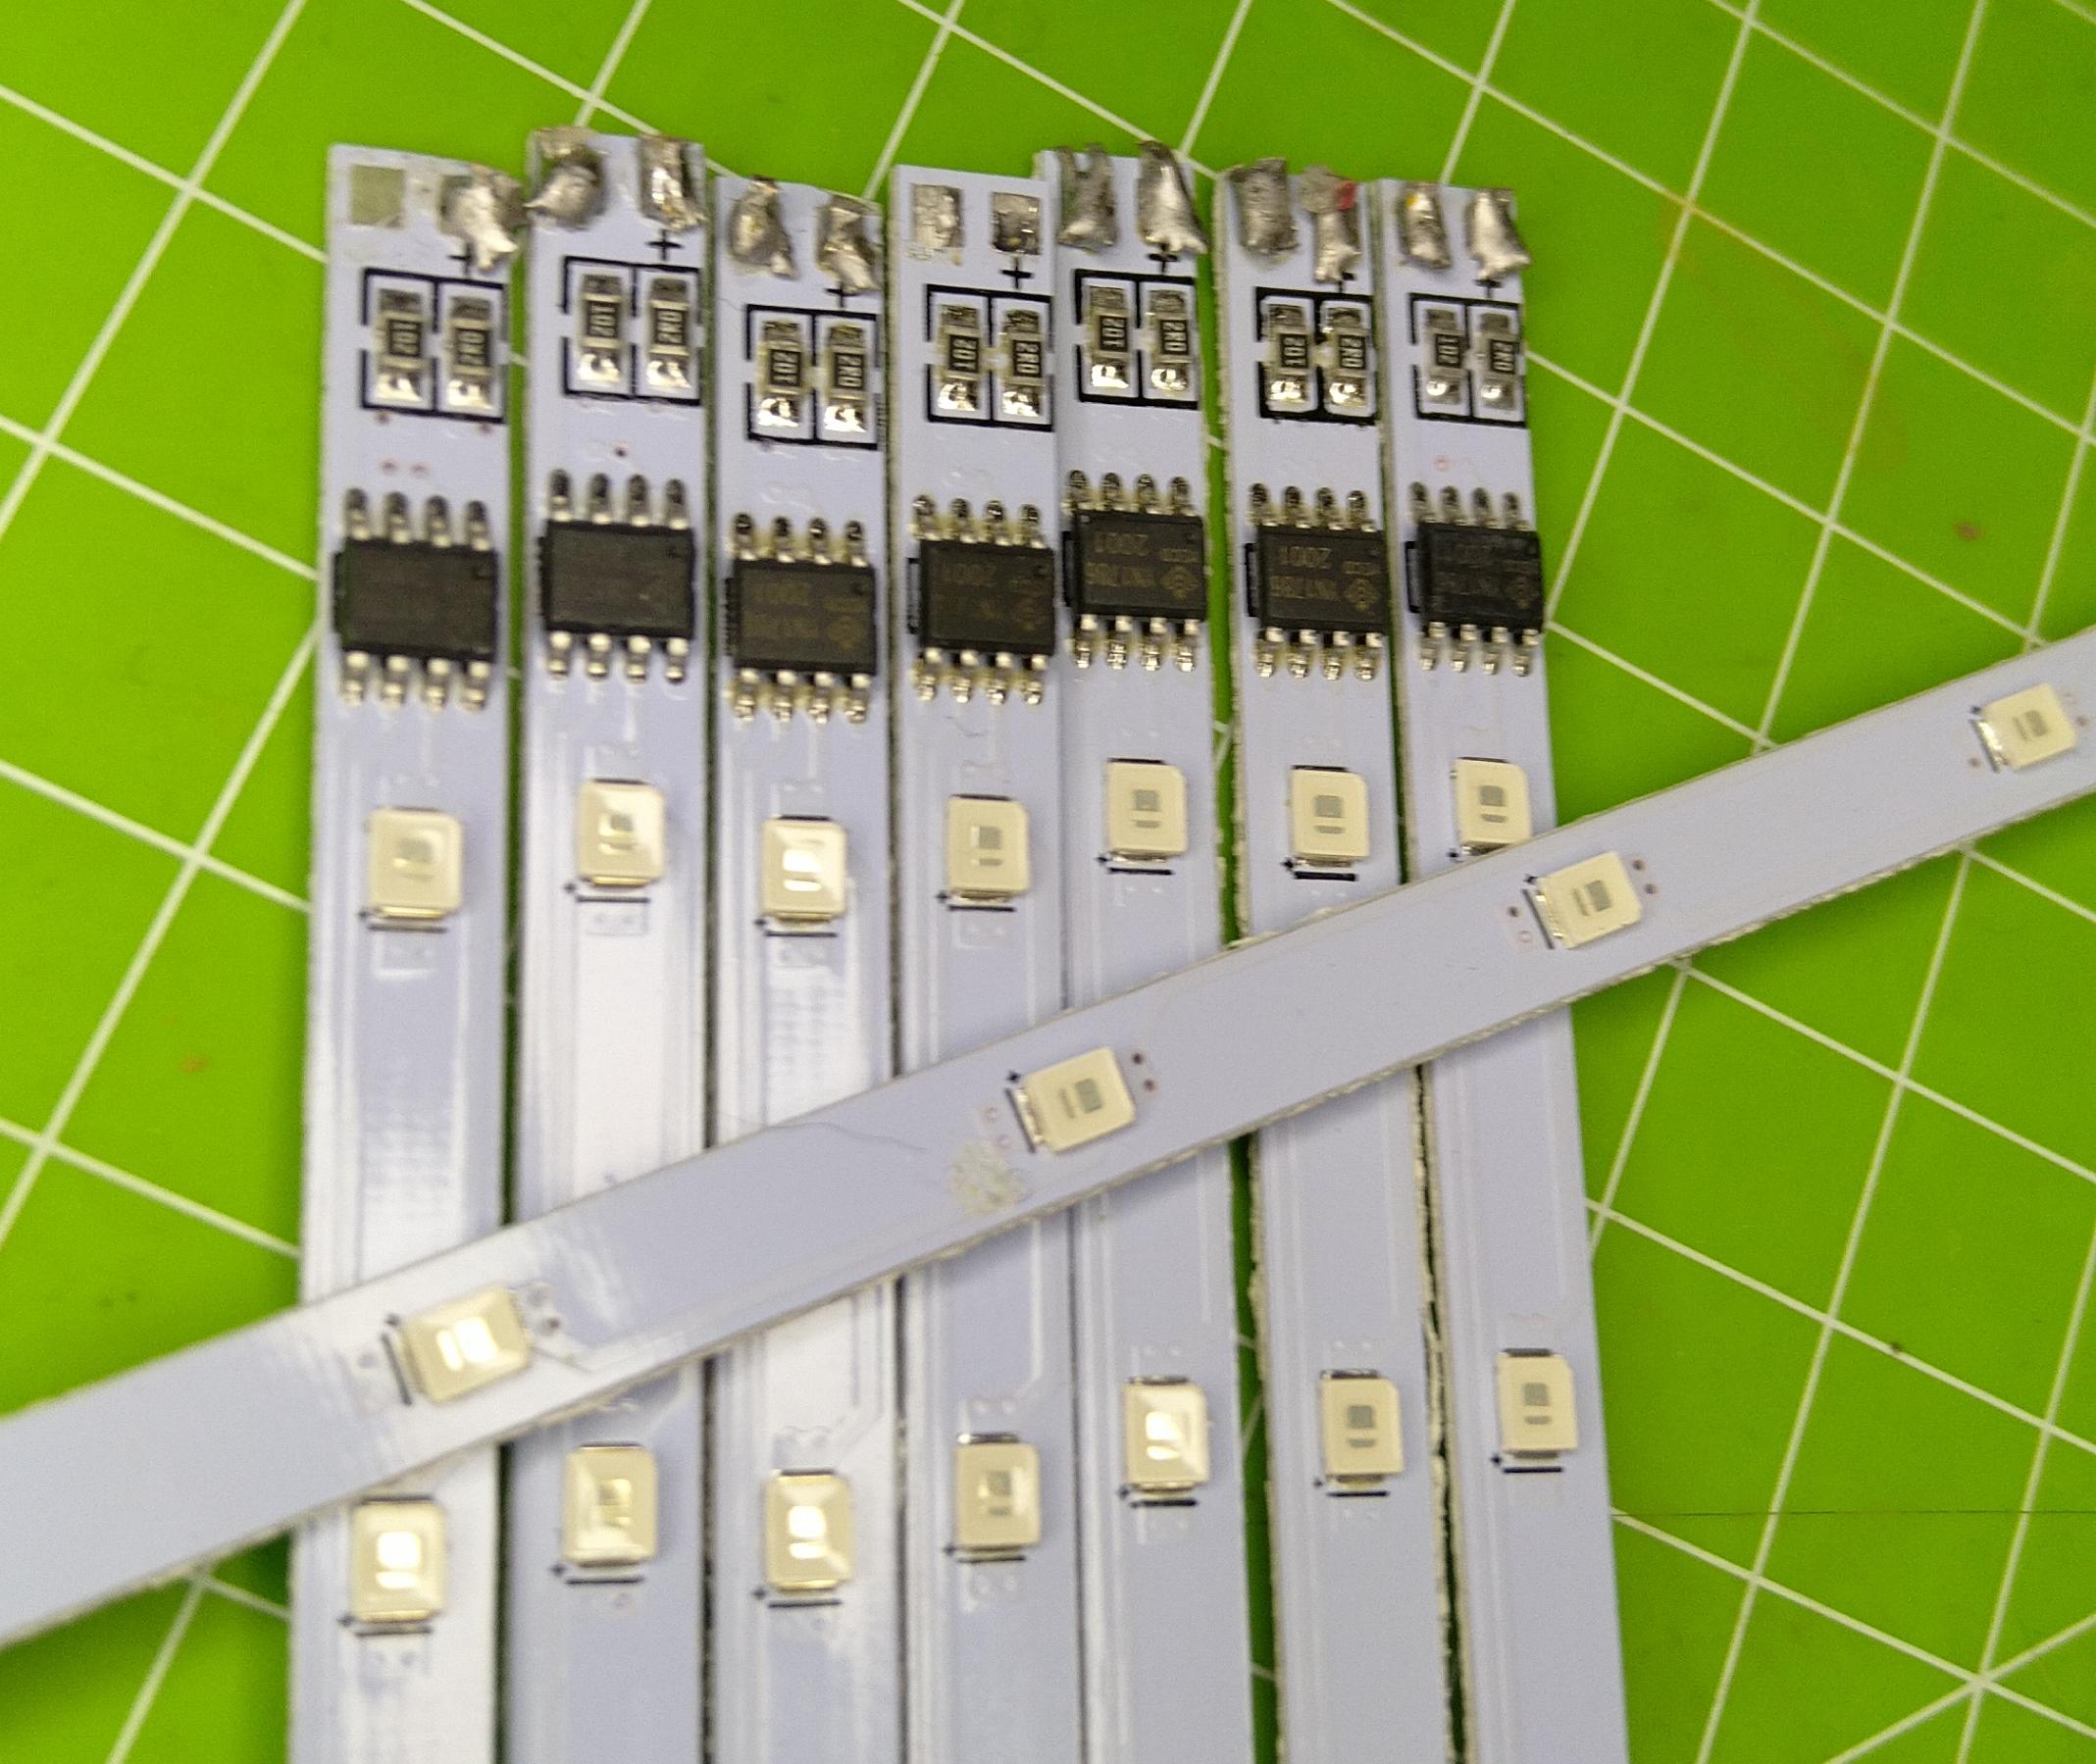 meteor lights - LED elements